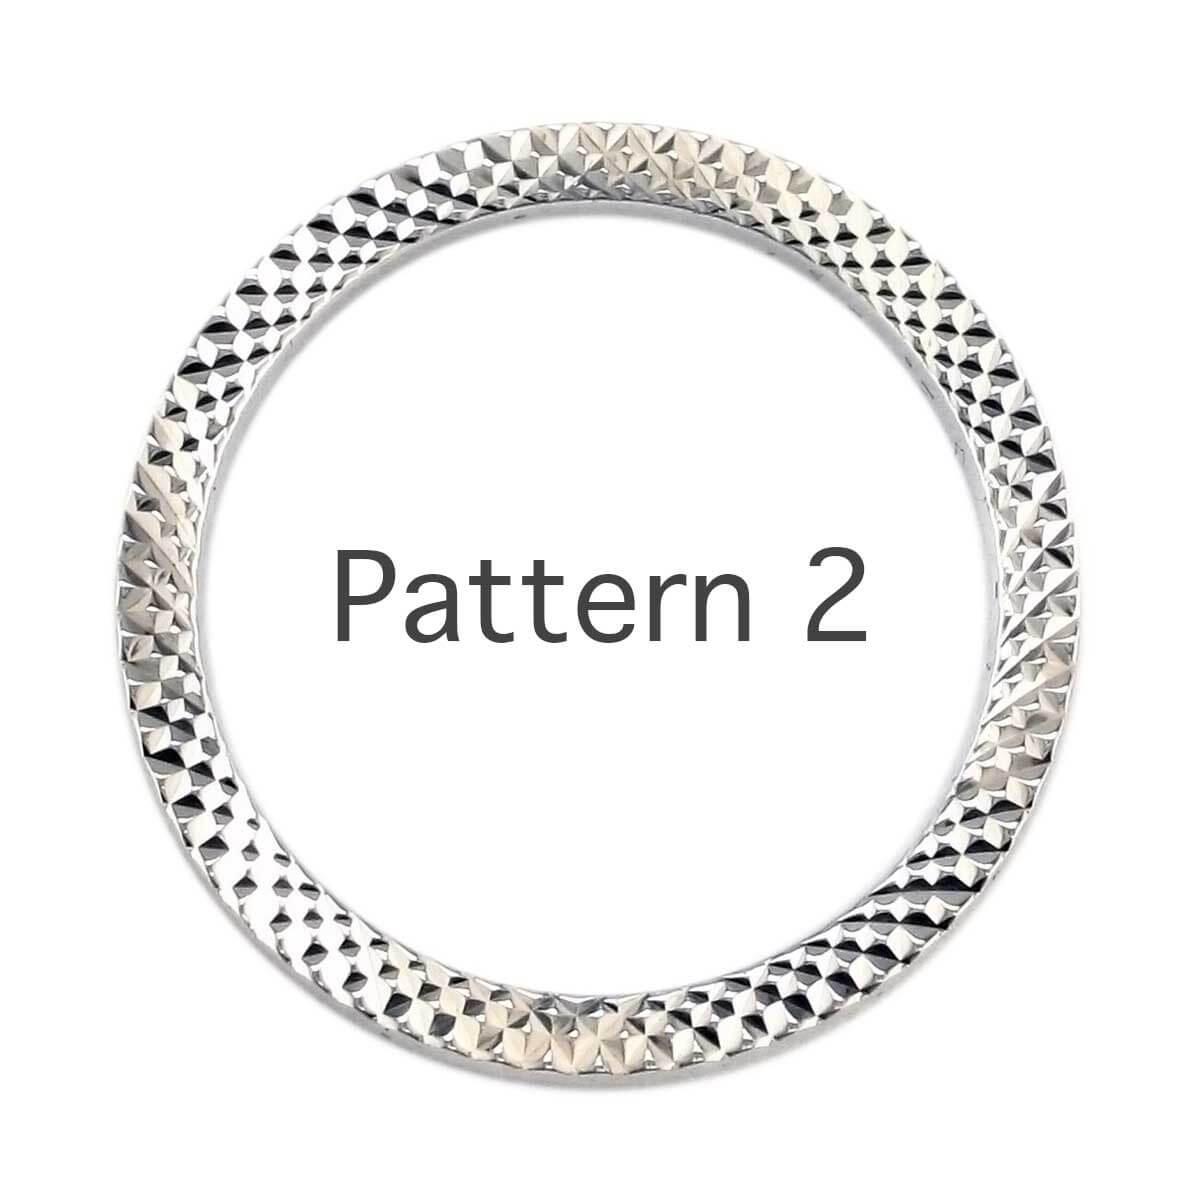 kryptos ring pattern 2